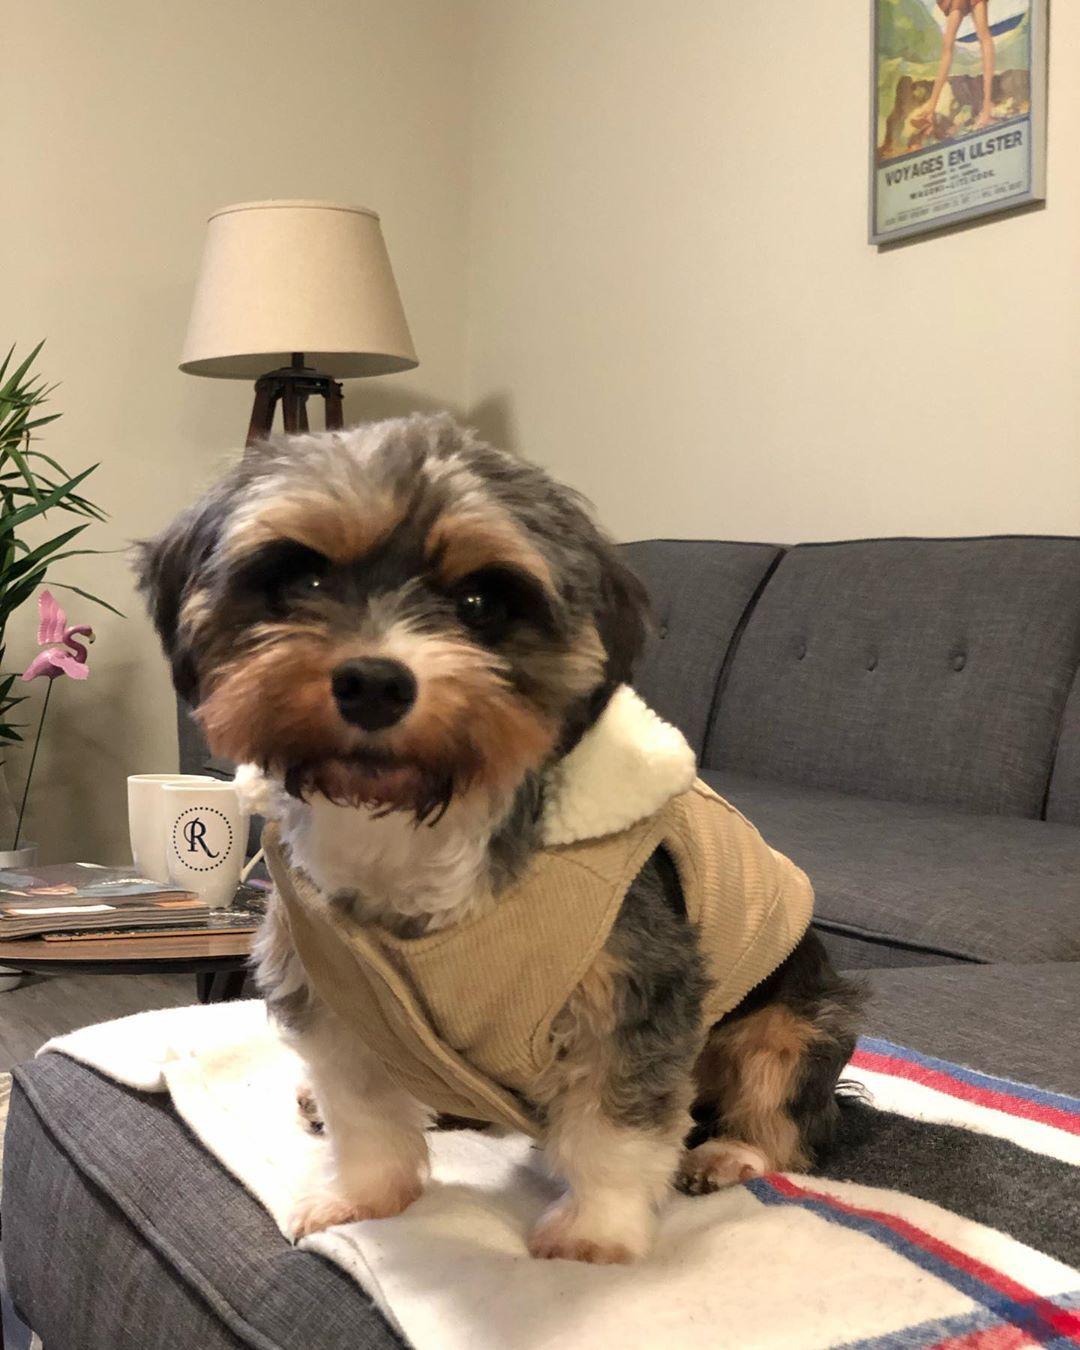 Are Y All Ready For Fall Autumn Newlook Fashion Dogfashionista Luna Shihtzu Dachshund Dog Dogs Dogsofinstagram Westne Dogs Dachshund Shih Tzu